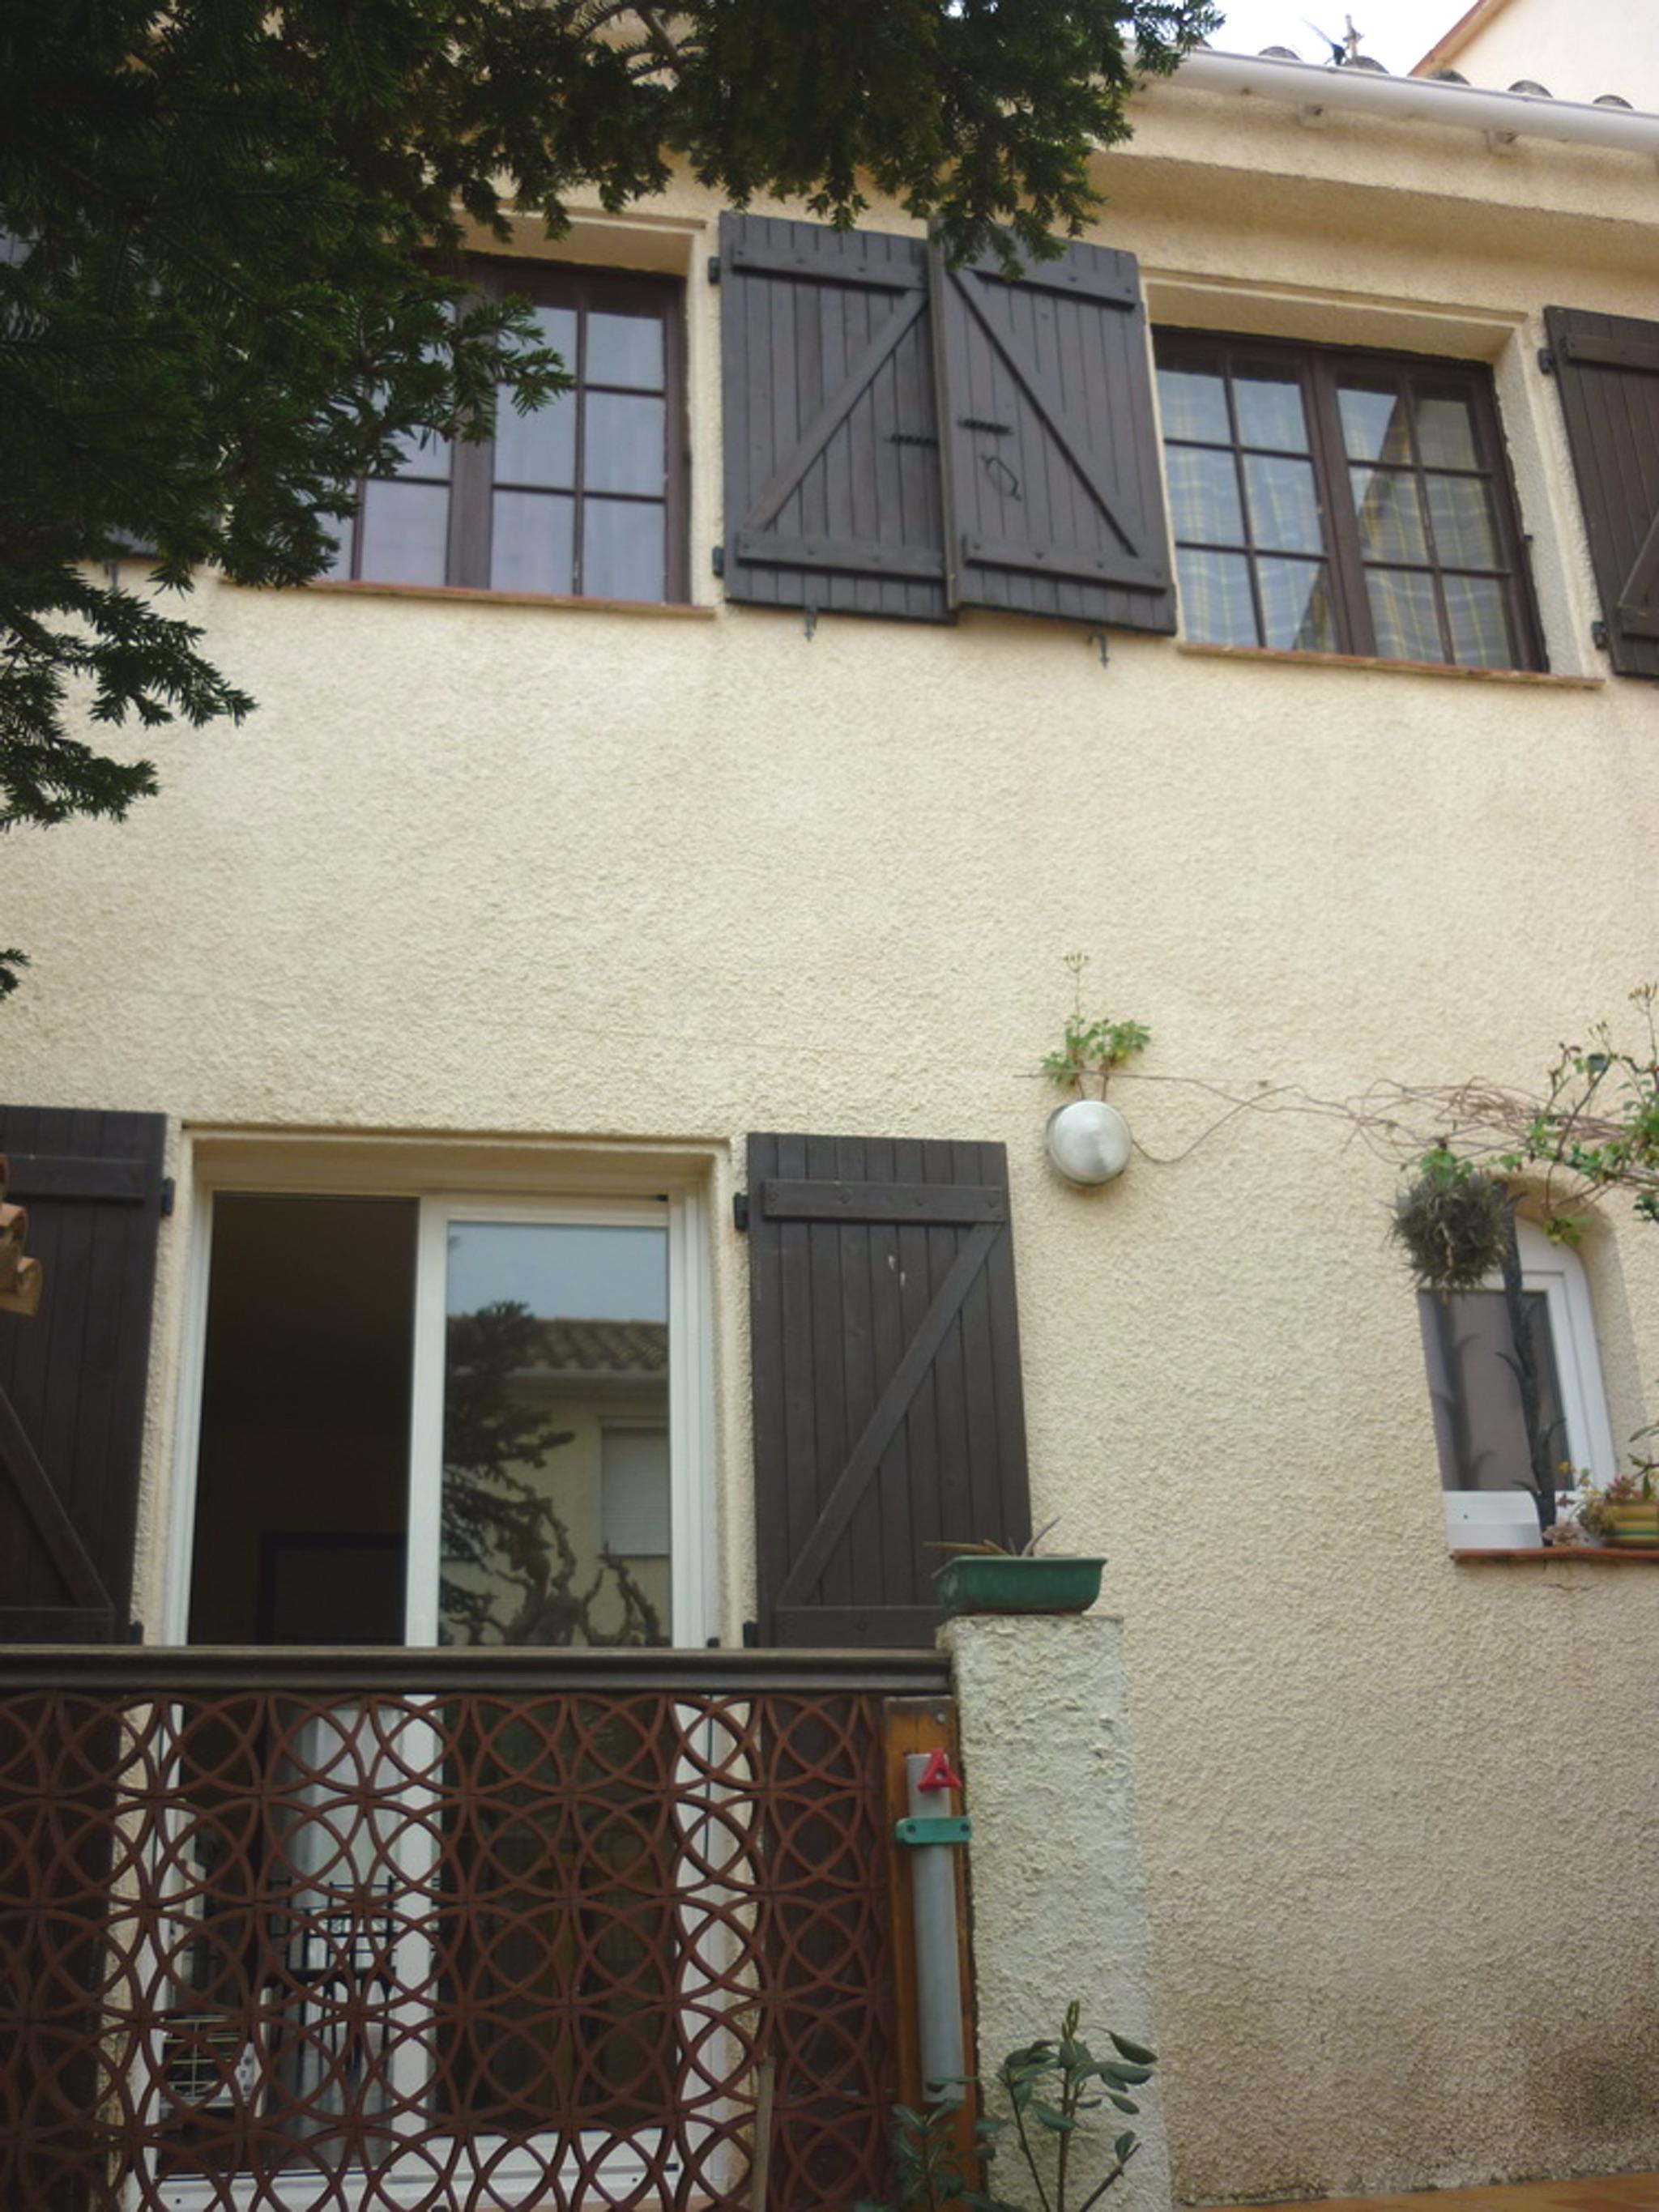 Ferienhaus Haus mit 2 Zimmern in Sainte-Marie mit eingezäuntem Garten - 150 m vom Strand entfernt (2202719), Sainte Marie la Mer, Mittelmeerküste Pyrénées-Orientales, Languedoc-Roussillon, Frankreich, Bild 21